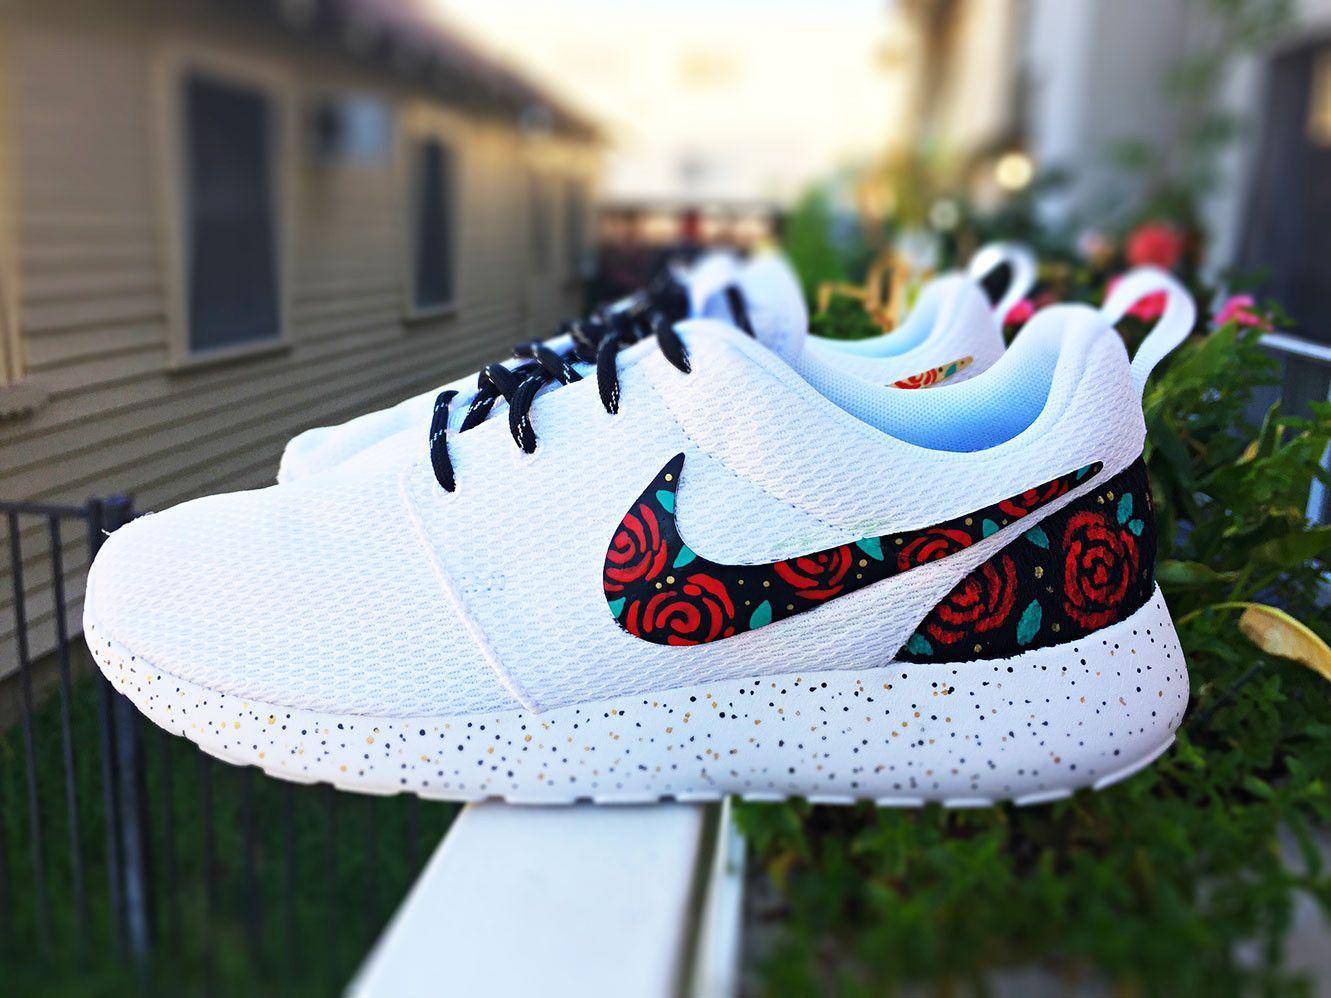 sports shoes d1f16 becf0 Custom Nike Roshe Run Rose design, floral custom roshe, Rose Gold design,  Red…